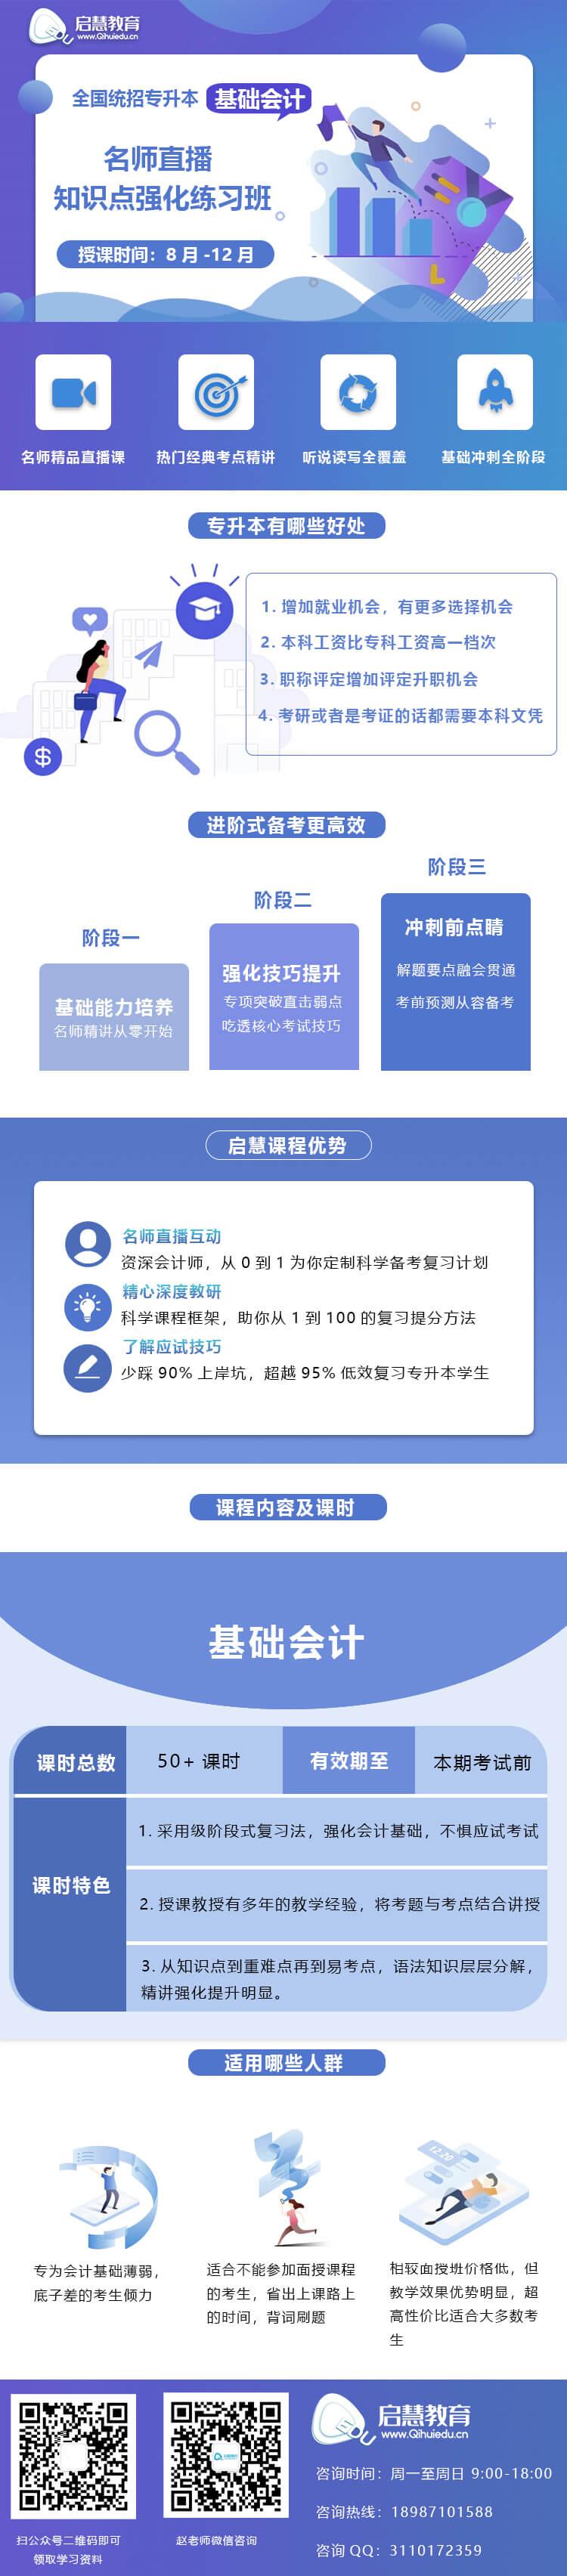 2021年云南统招专升本精讲课《数据结构专业》